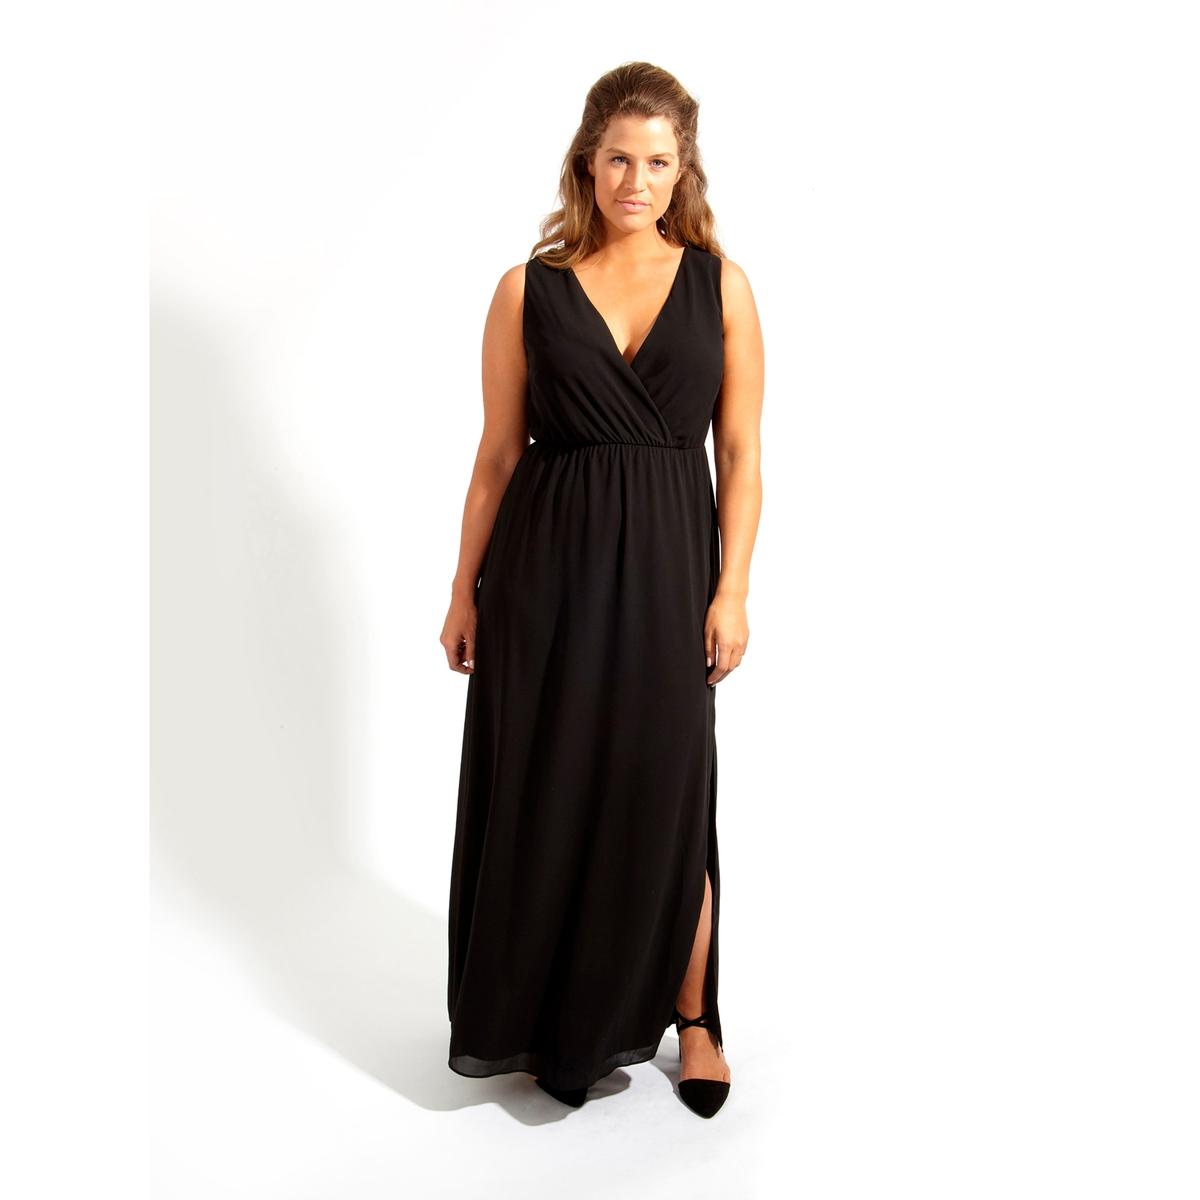 ПлатьеПлатье длинное KOKO BY KOKO. Симпатичное платье макси без рукавов с разрезом до колена . 100% полиэстер<br><br>Цвет: черный